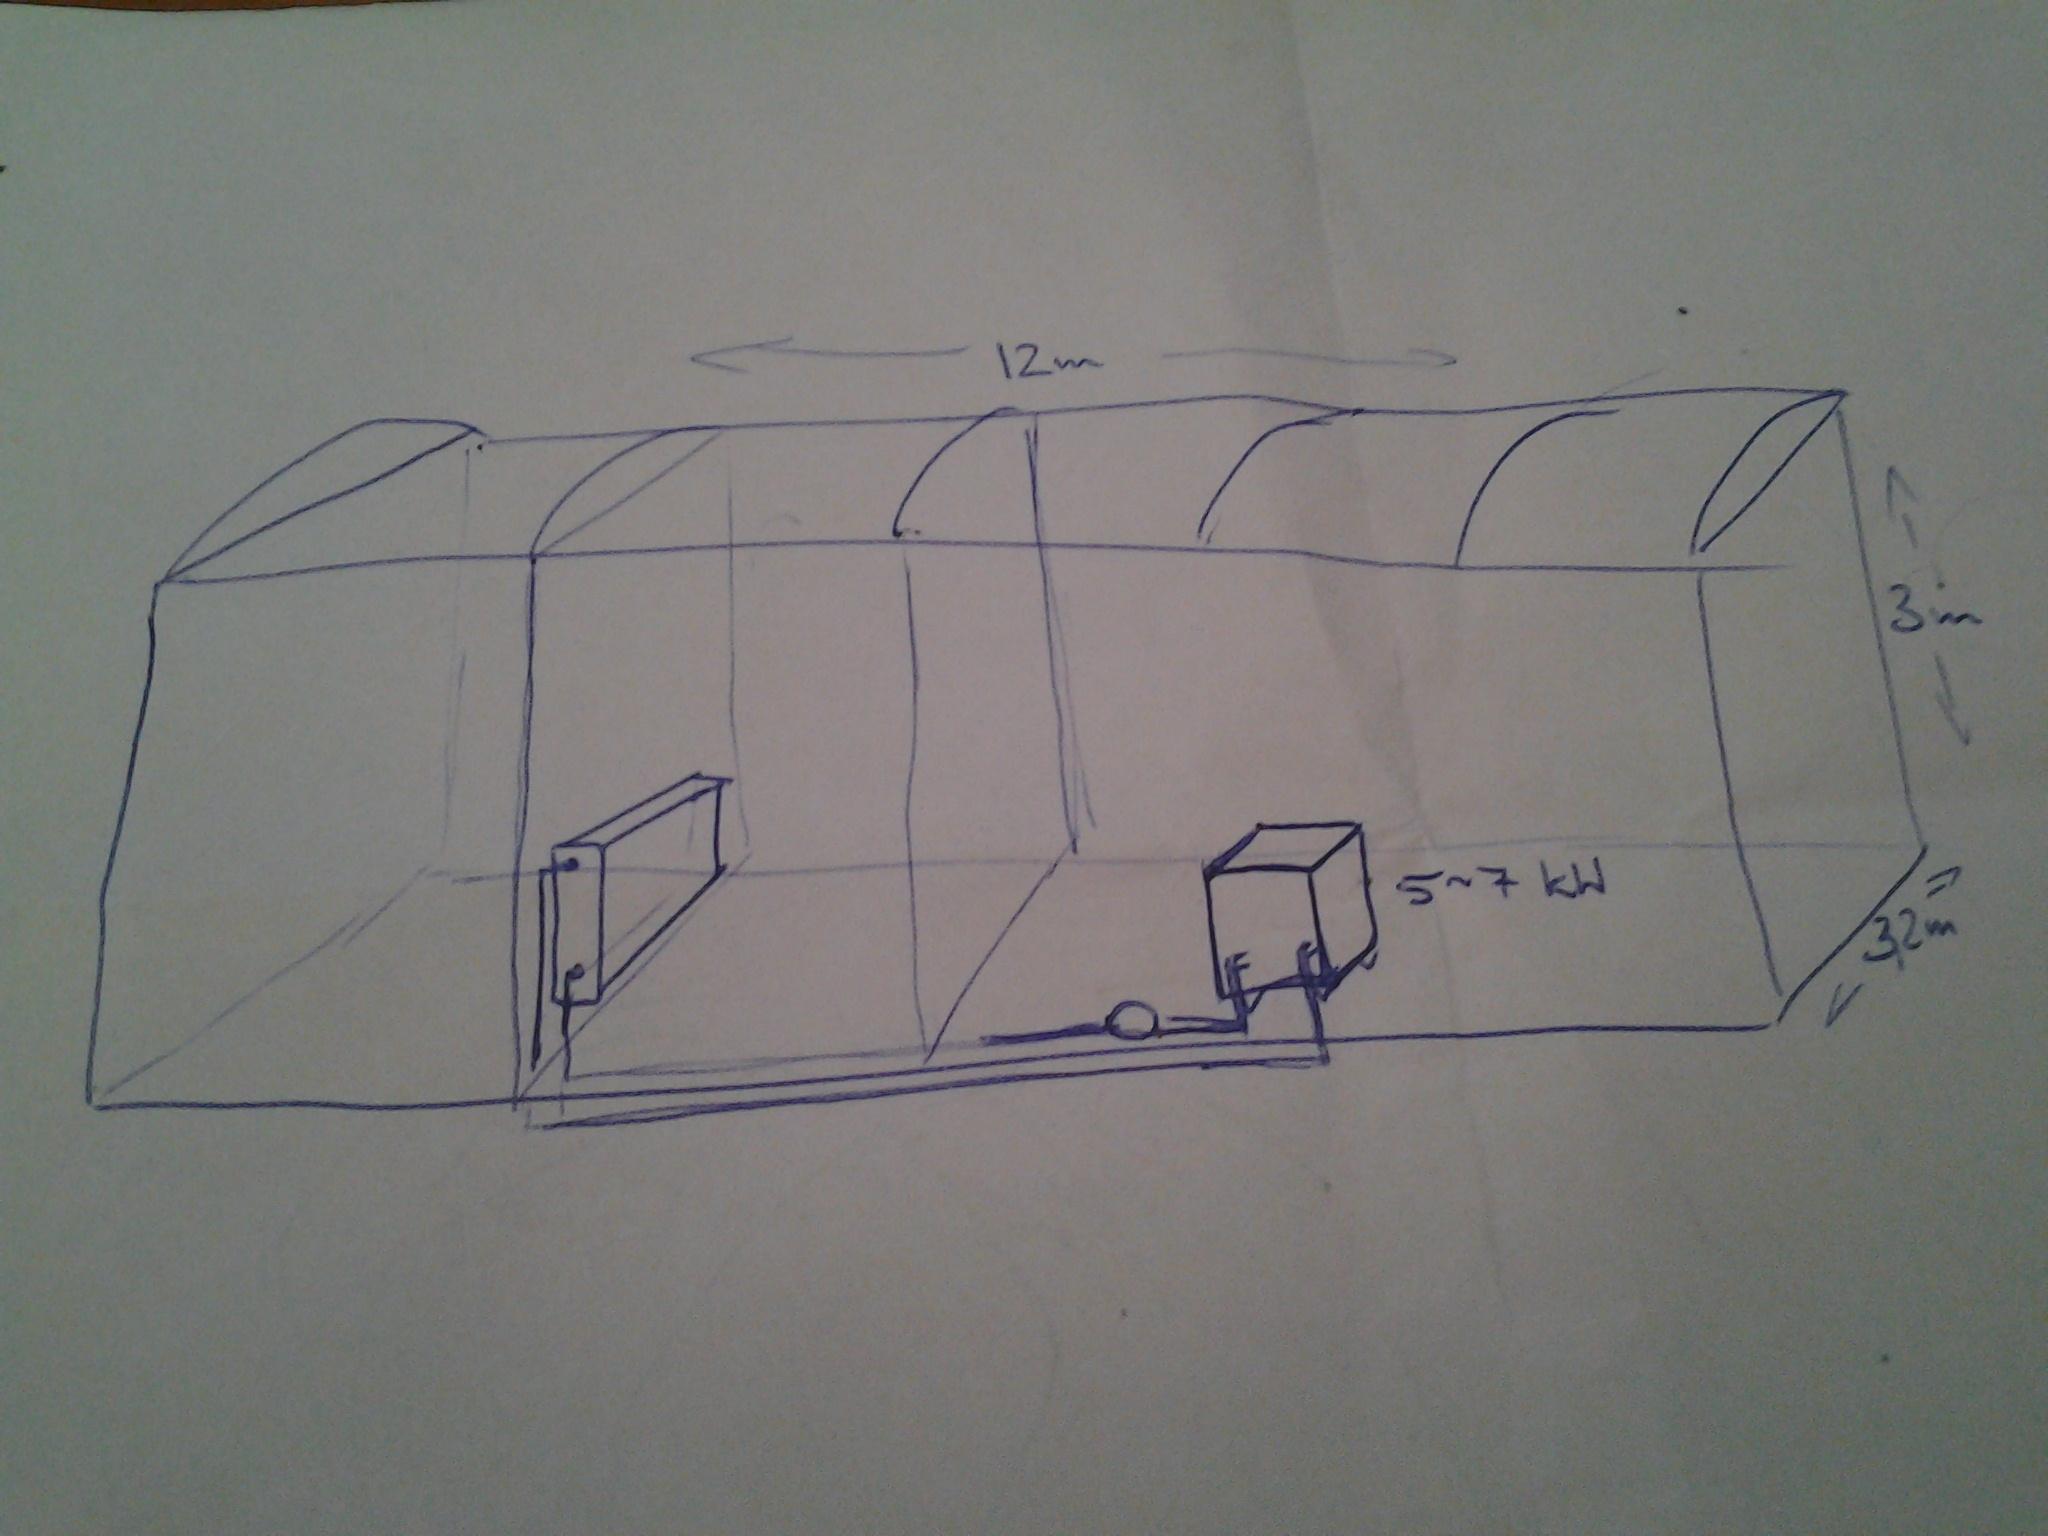 kominek z plaszczem grzewczym - ogrzewanie barakowozu mieszkalnego